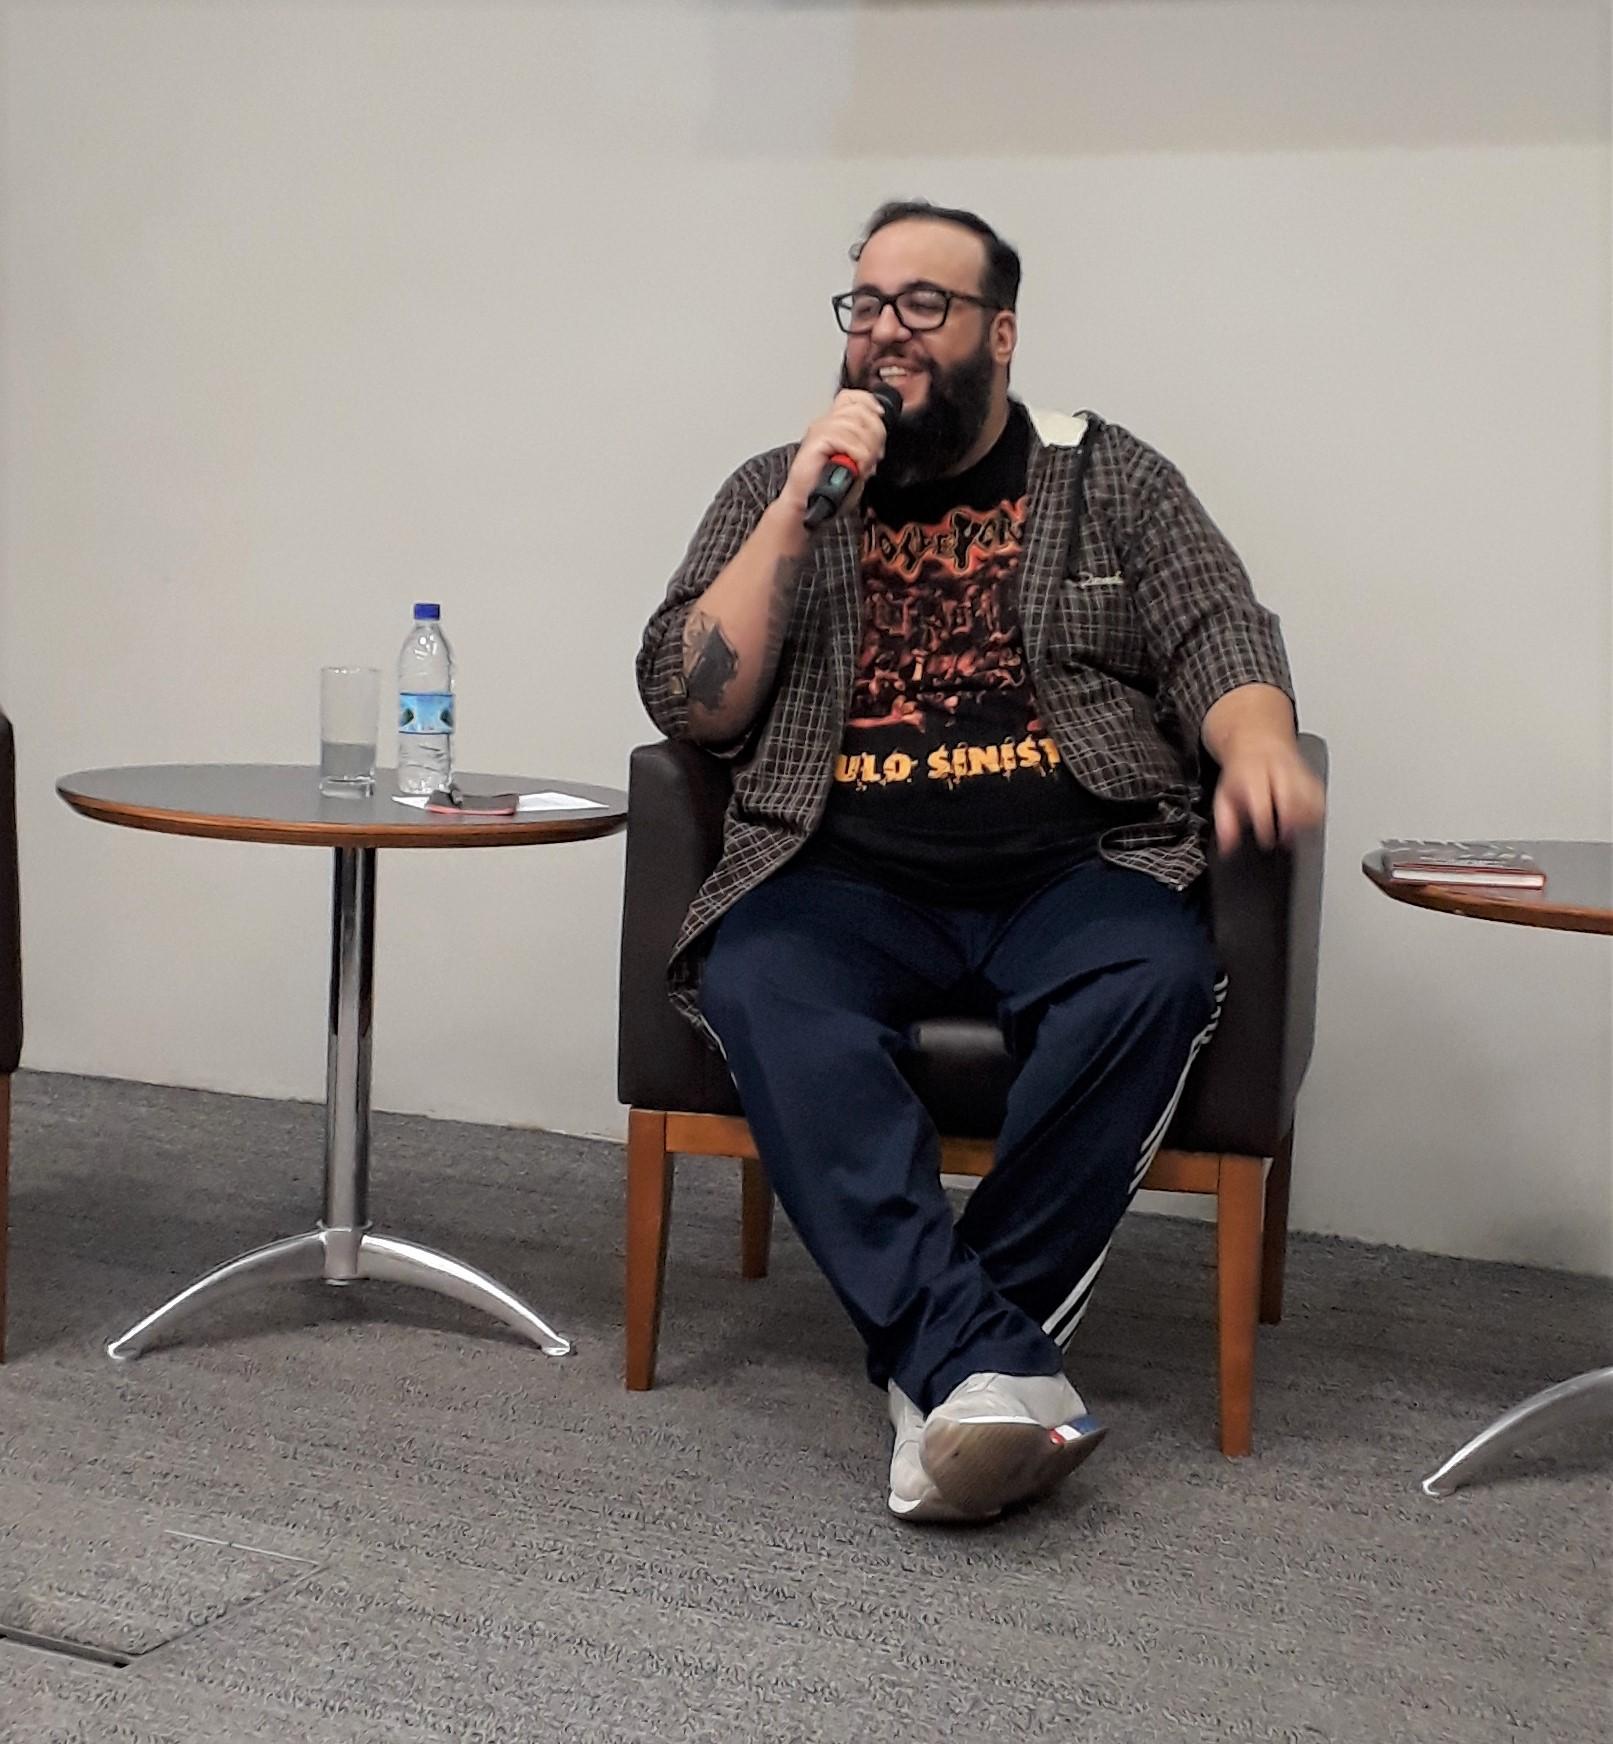 Escritor Ferréz. Foto: Equipe SP Leituras.